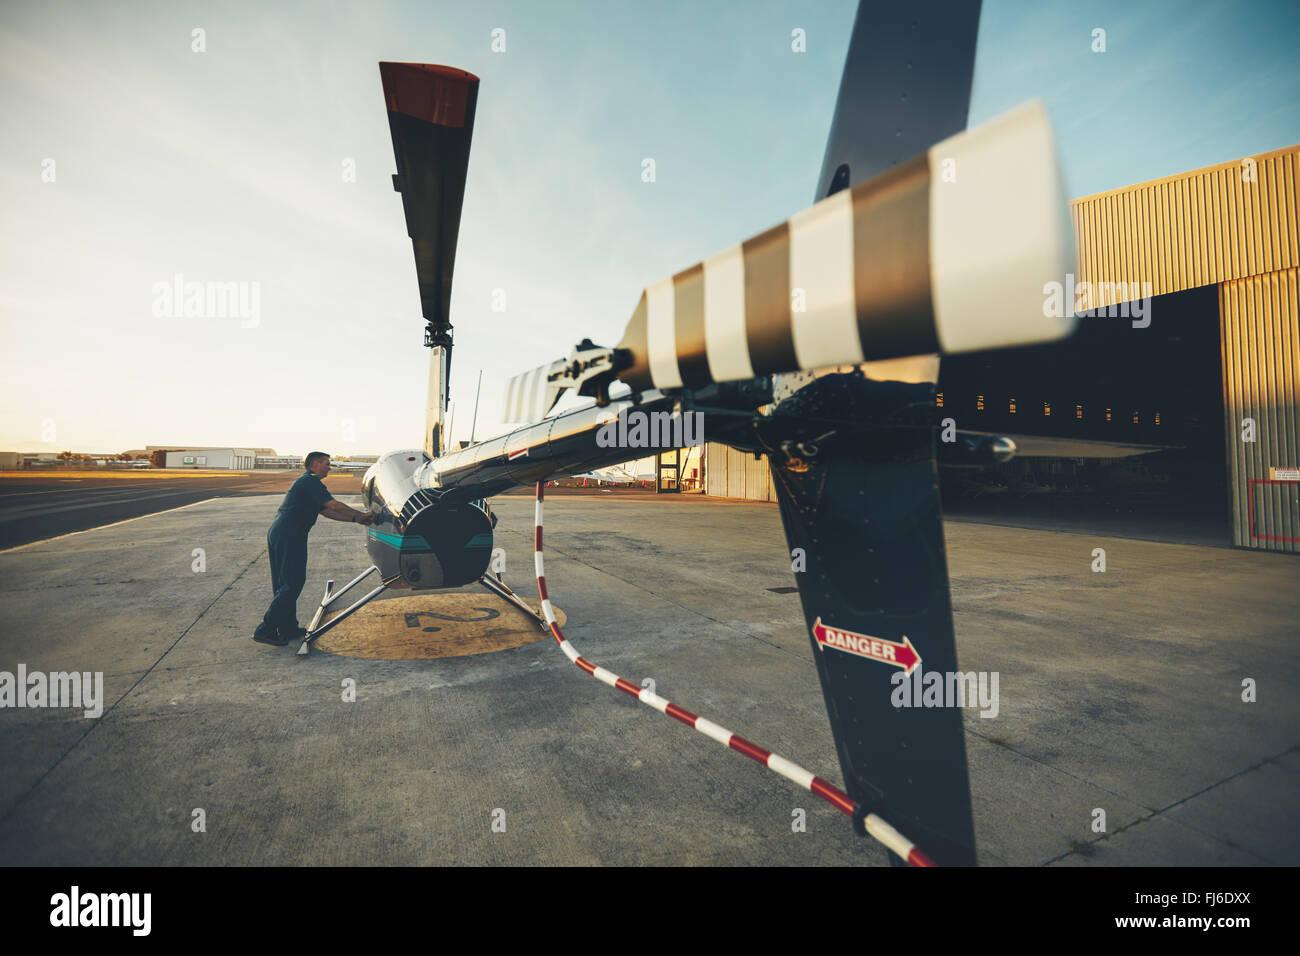 Maschio di pilota di elicottero di ispezione prima del decollo. Pilota di preparare il suo elicottero per il volo Immagini Stock